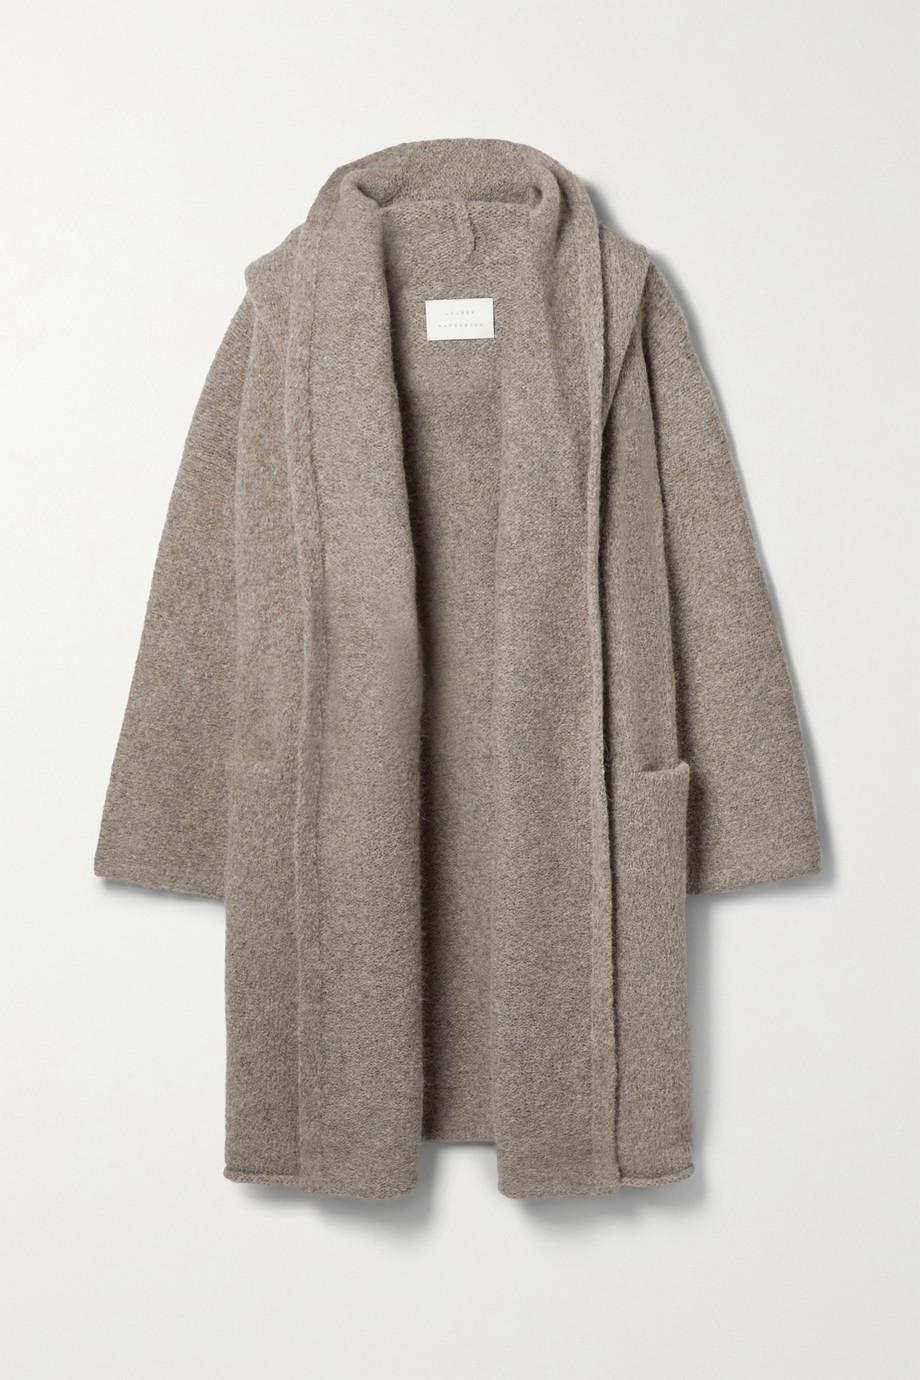 Lauren Manoogian Manteau à capuche en alpaga mélangé